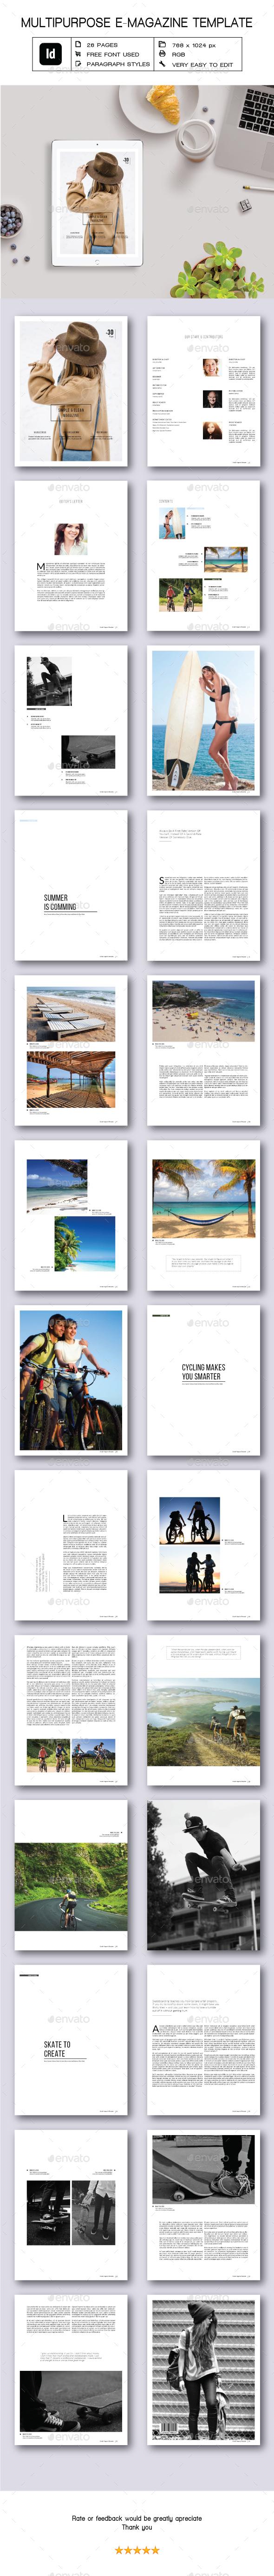 Multipurpose E-Magazine - Digital Magazines ePublishing